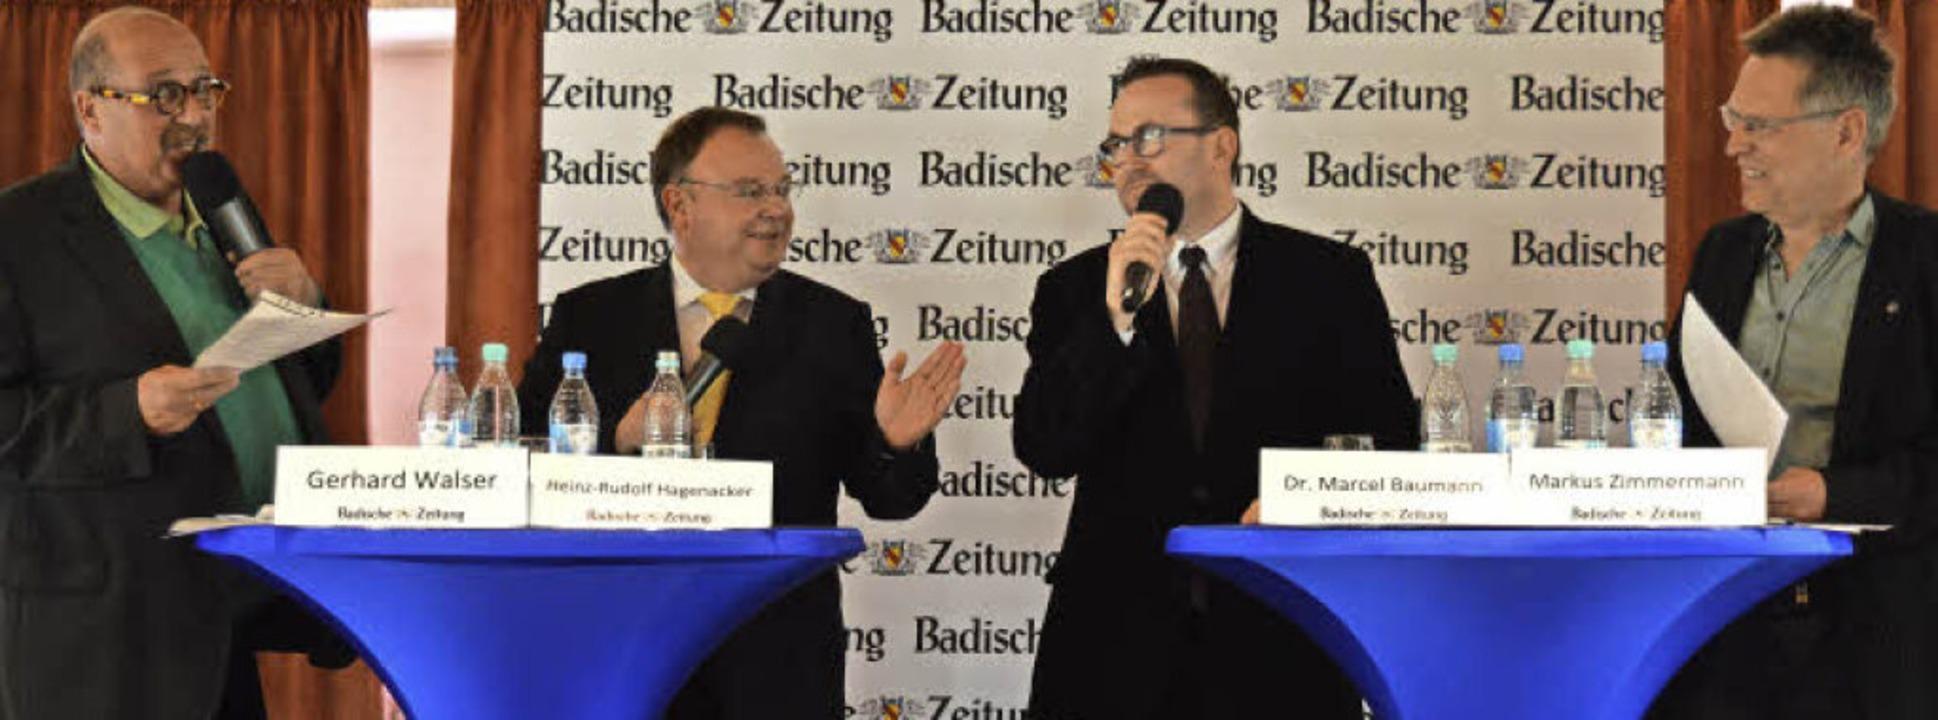 Im Gespräch (von links): Lokalchef Ger...sowie BZ-Mitarbeiter Markus Zimmermann    Foto: Lena Marie Jörger